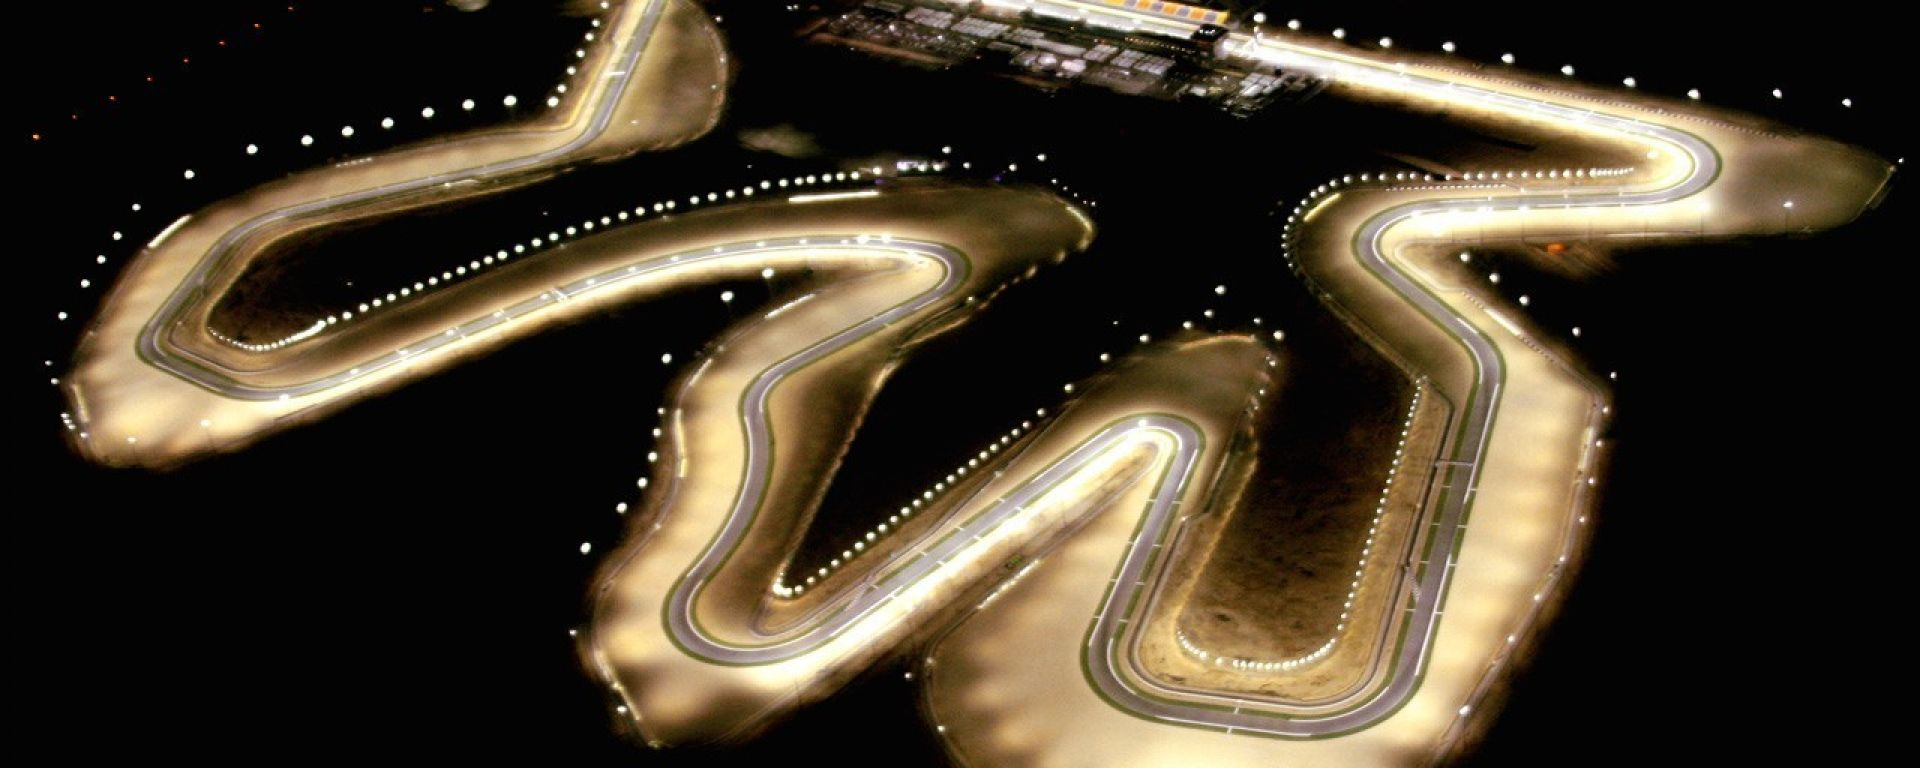 Superbike 2017 round 13 Gran Premio del Qatar: prove libere, qualifiche, Gara 1 e Gara 2